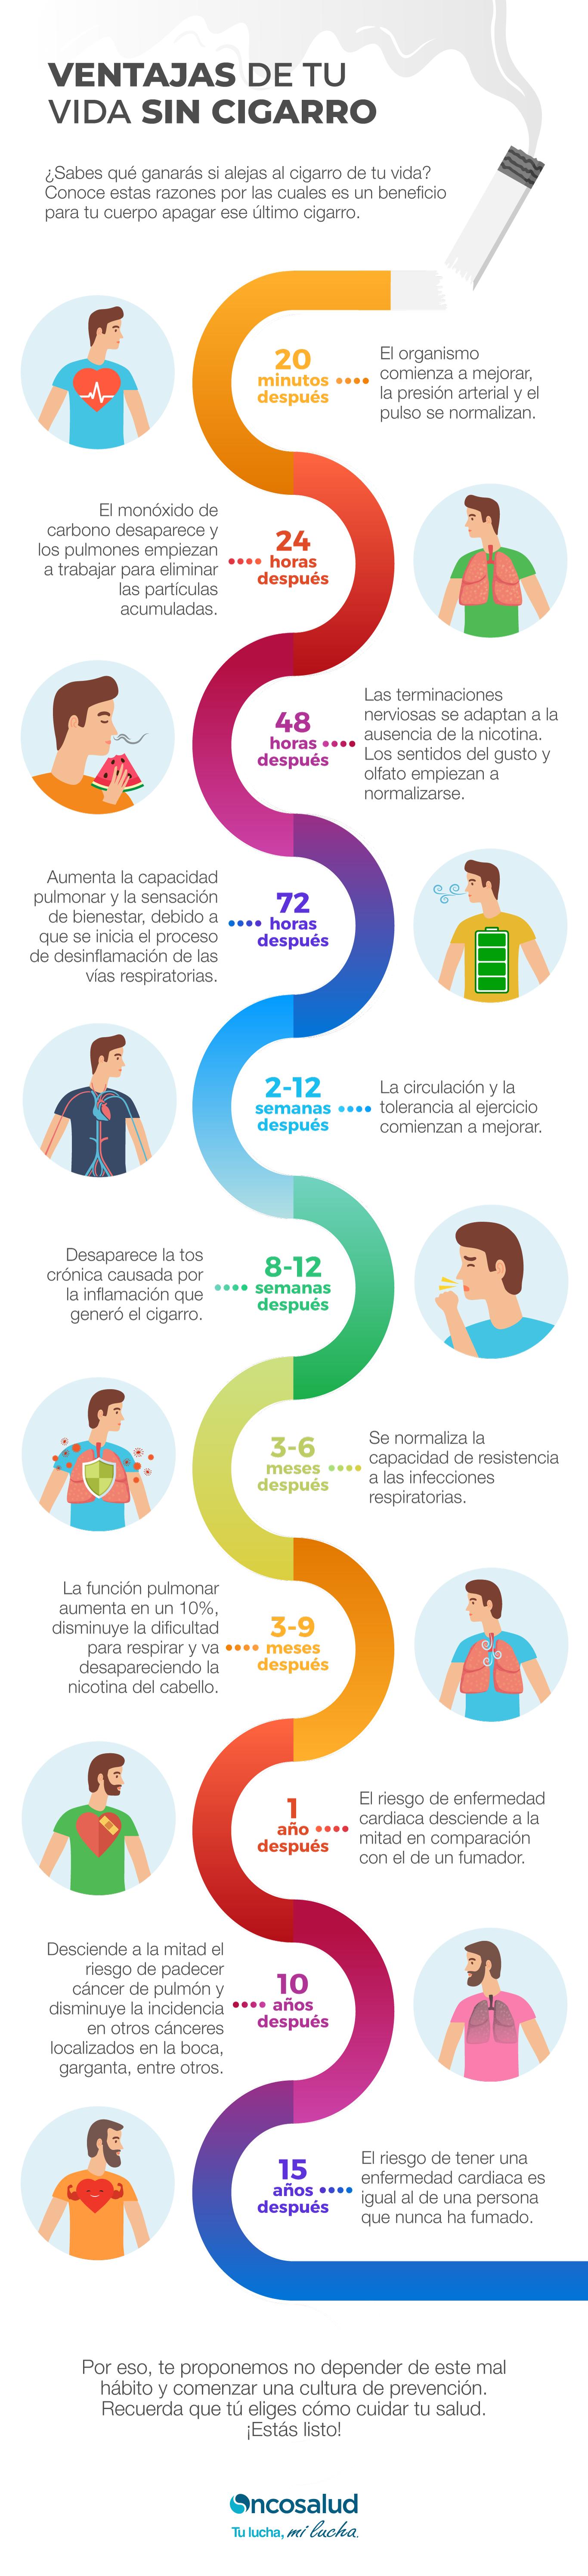 infografía-ventajas de vivir sin cigarro